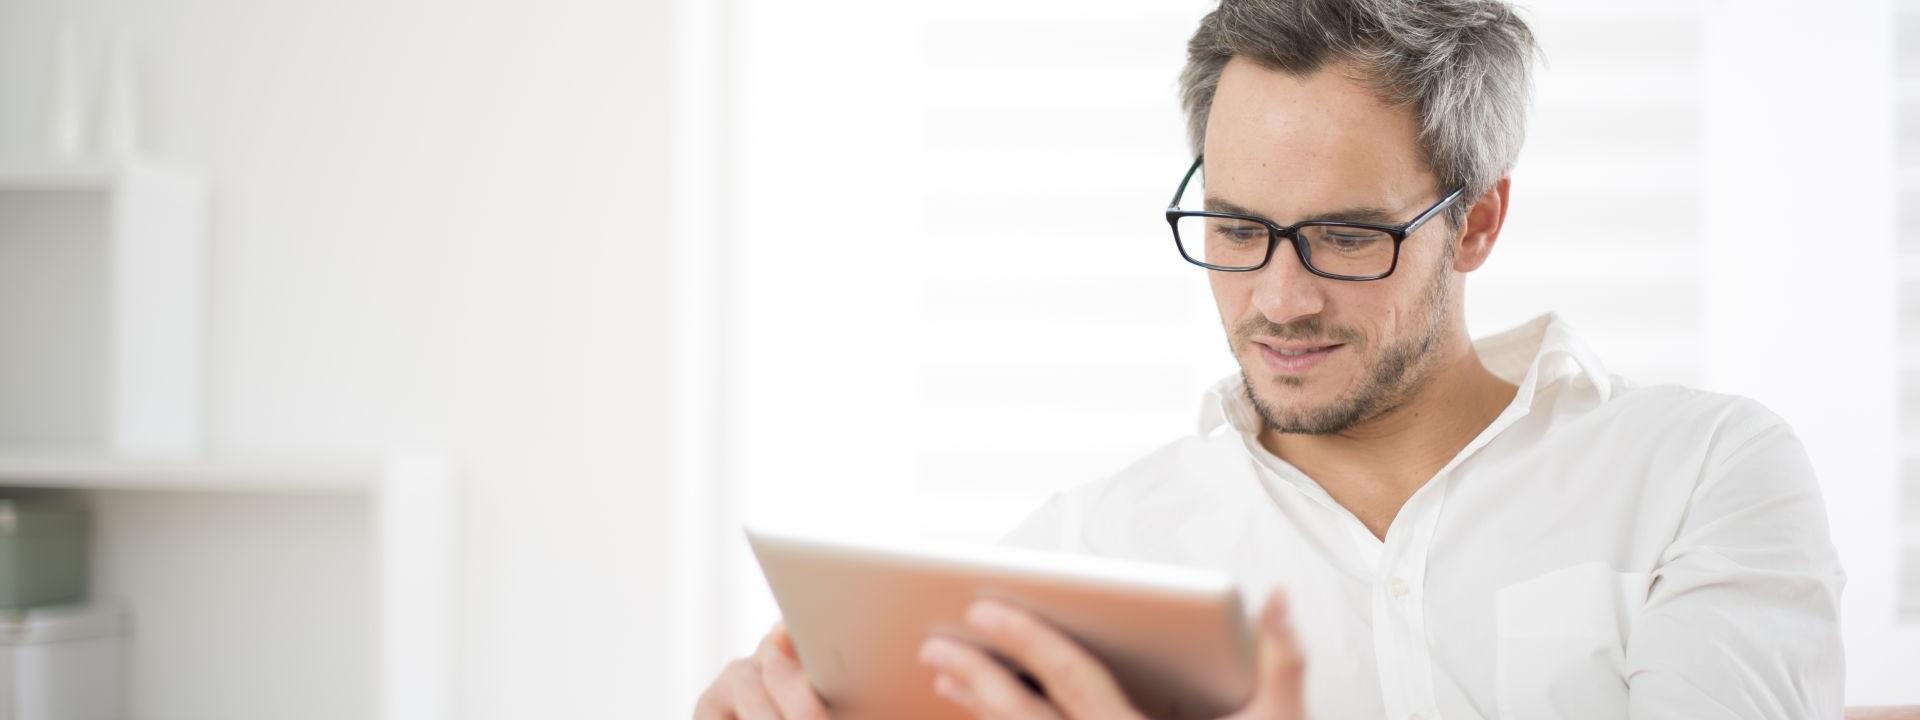 Ein etwa 45 jähriger Mann sitzt auf einem Sofa und schaut auf ein Tablet.